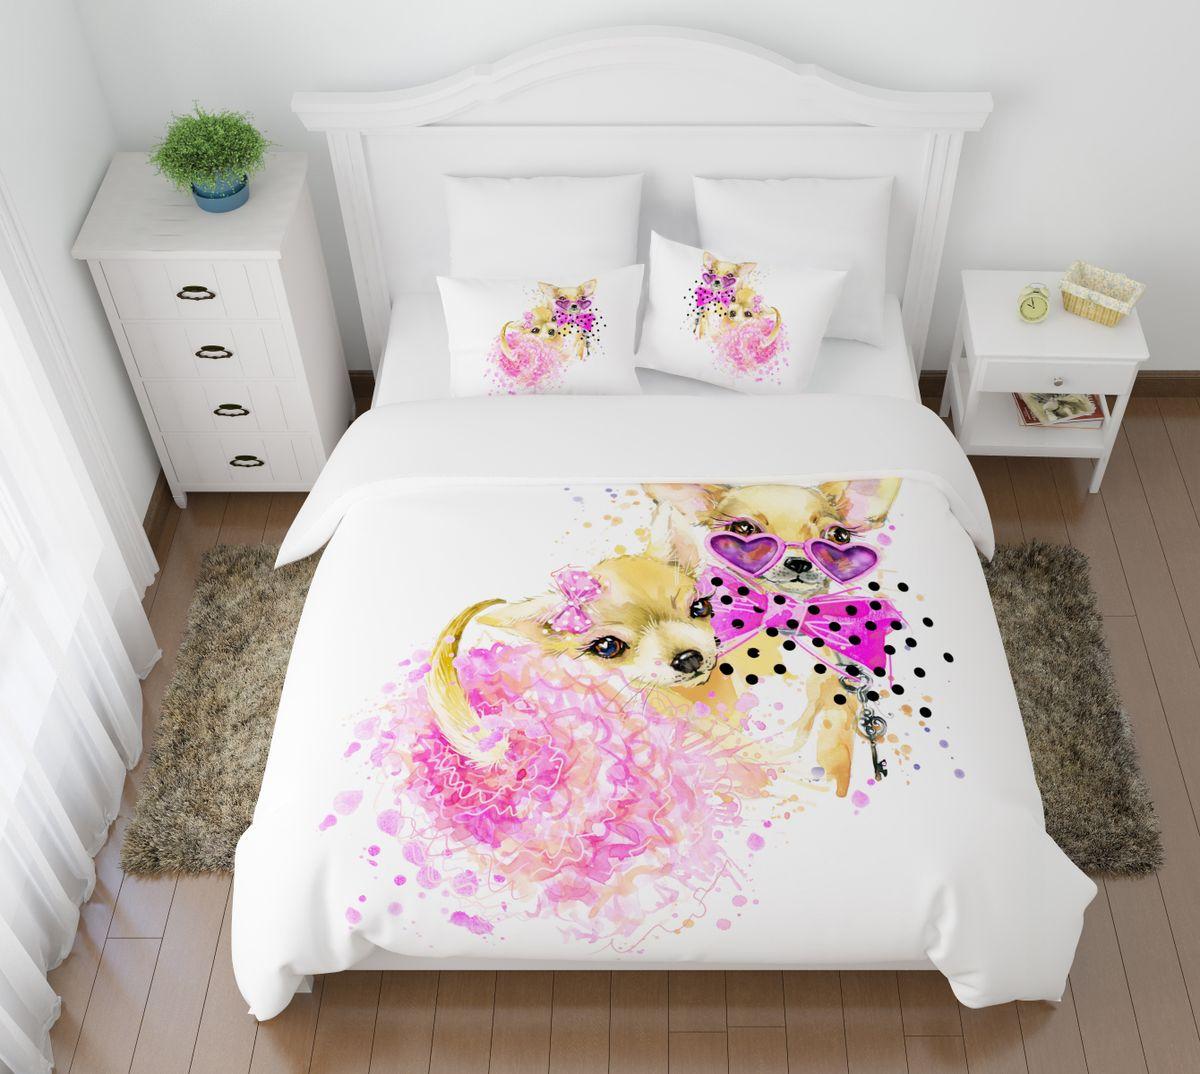 Комплект белья Сирень Гламур, 1,5-спальный, наволочки 50x70S03301004Комплект постельного белья Сирень состоит из простыни, пододеяльника и 2 наволочек. Комплект выполнен из современных гипоаллергенных материалов. Приятный при прикосновении сатин - гарантия здорового, спокойного сна. Ткань хорошо впитывает влагу, надолго сохраняет яркость красок. Четкий, изящный рисунок в сочетании с насыщенными красками делает комплект постельного белья неповторимой изюминкой любого интерьера. Постельное белье идеально подойдет для подарка.